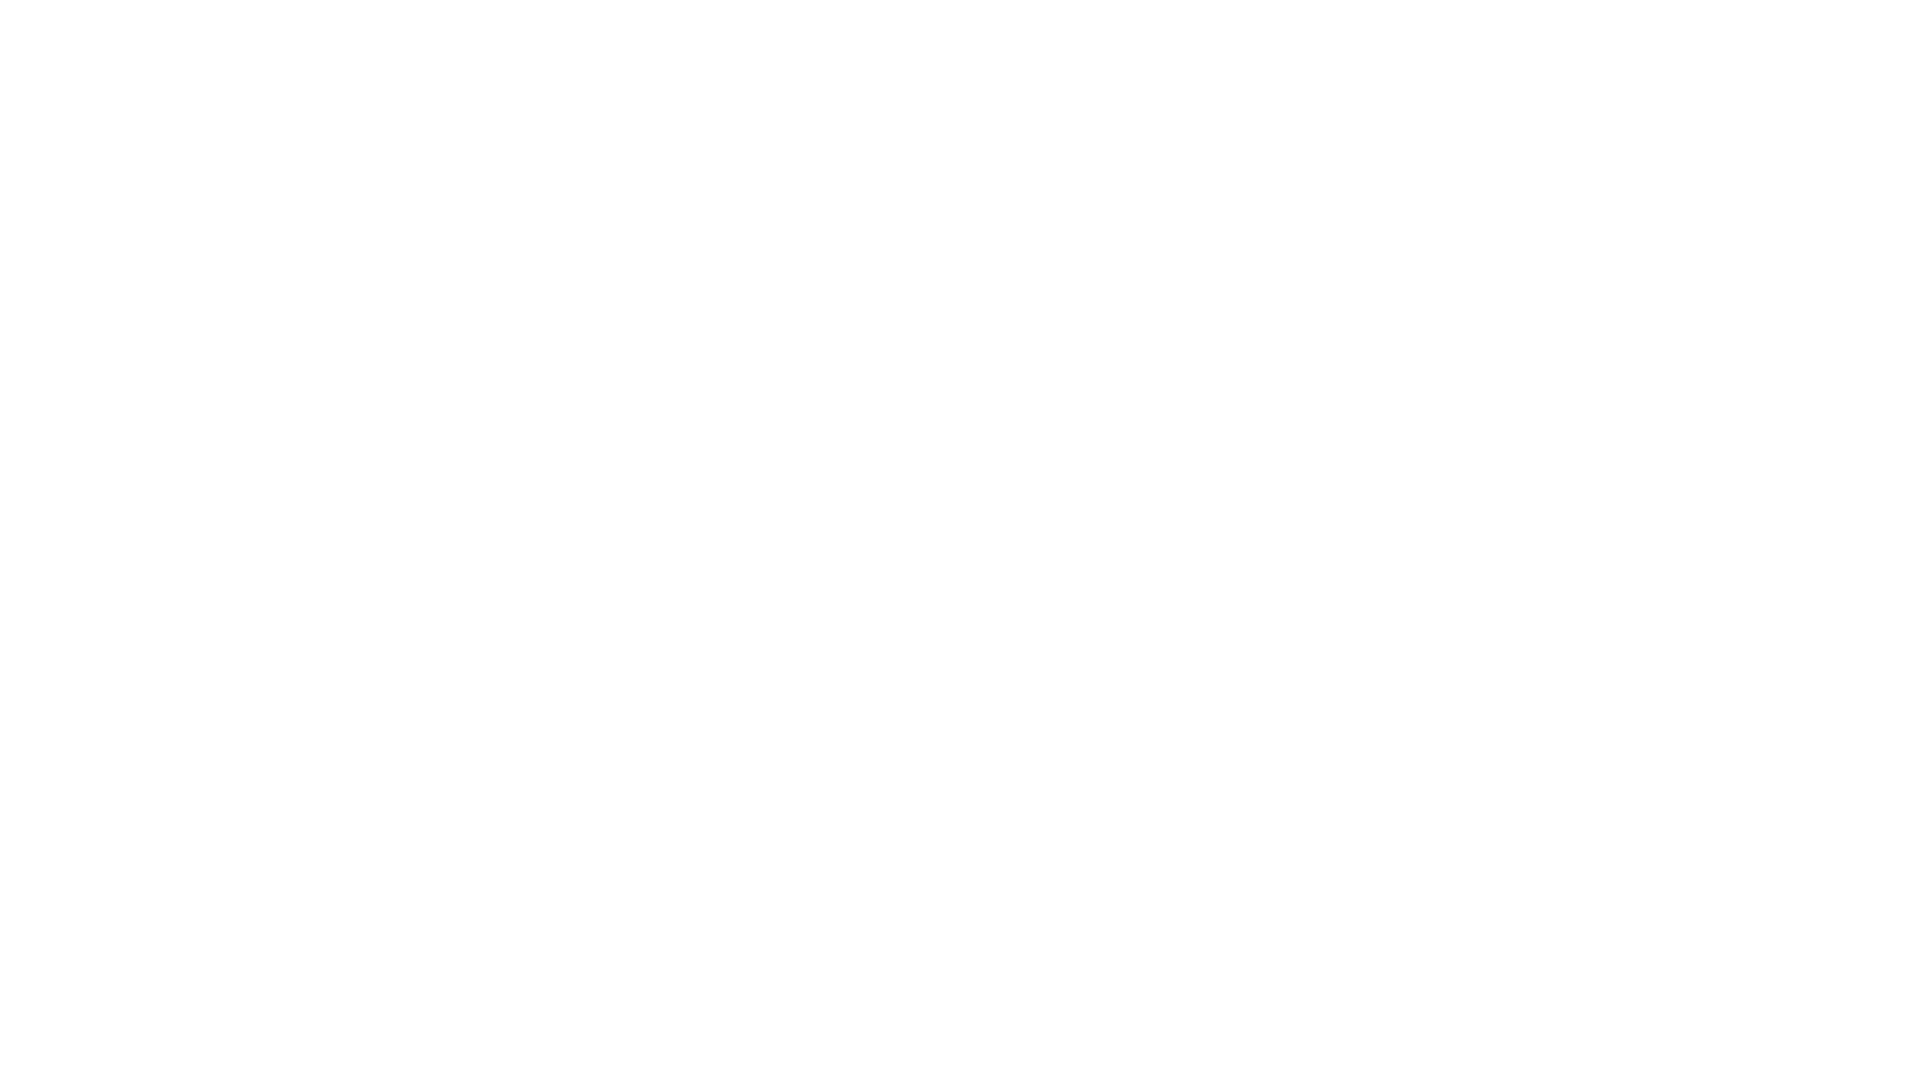 Transparent 1920×1080